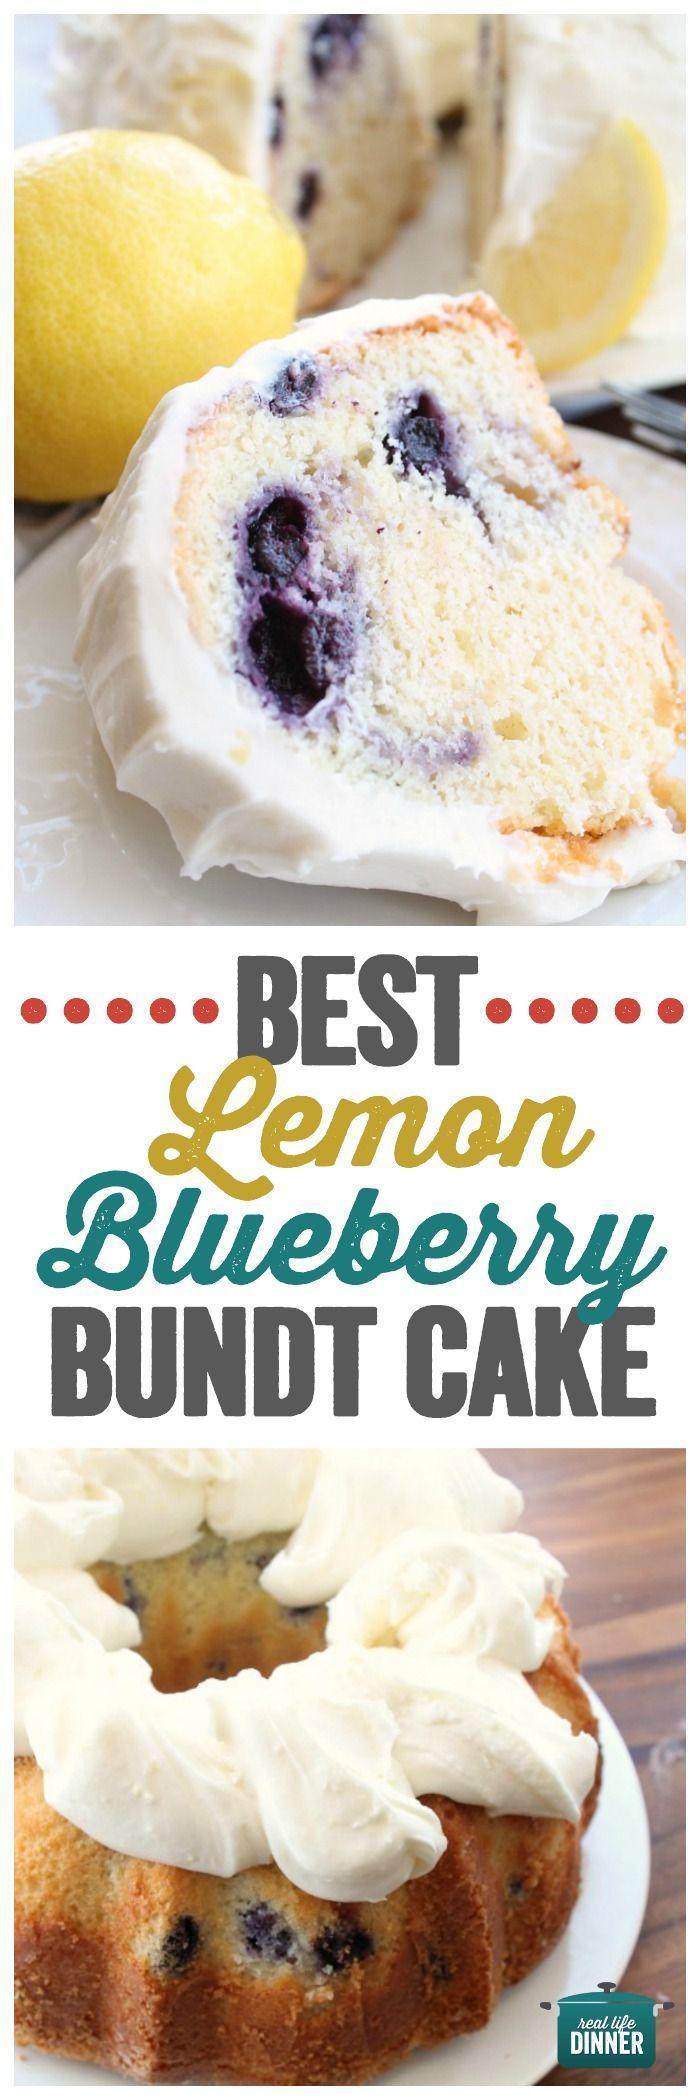 Best Lemon Blueberry Bundt Cake - Real Life Dinner